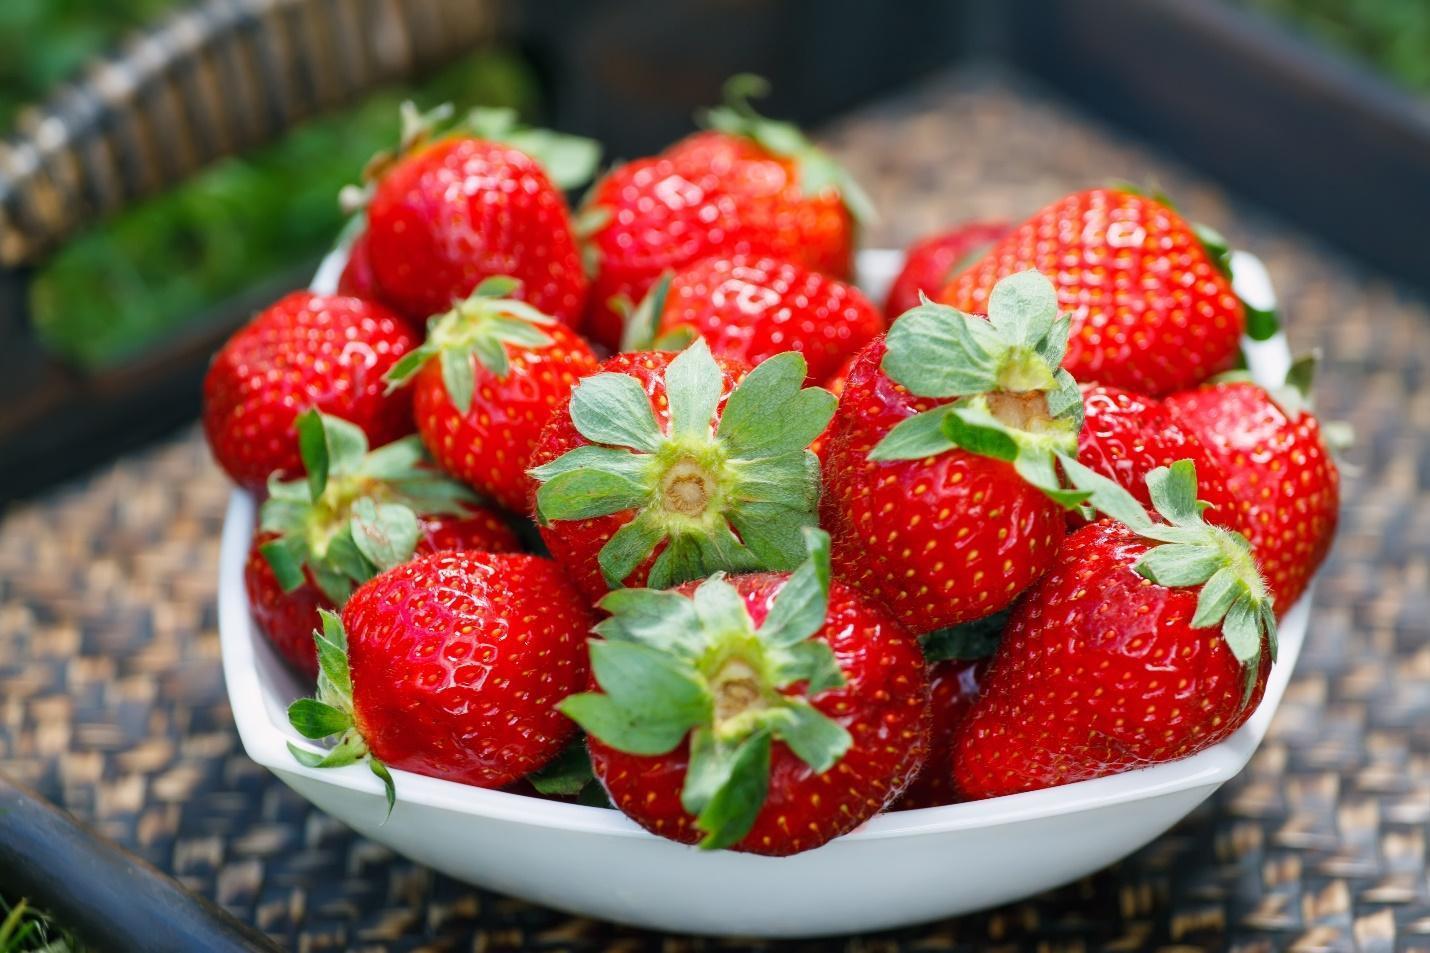 Правила хранения клубники в холодильнике - Перебрать ягоду - фото